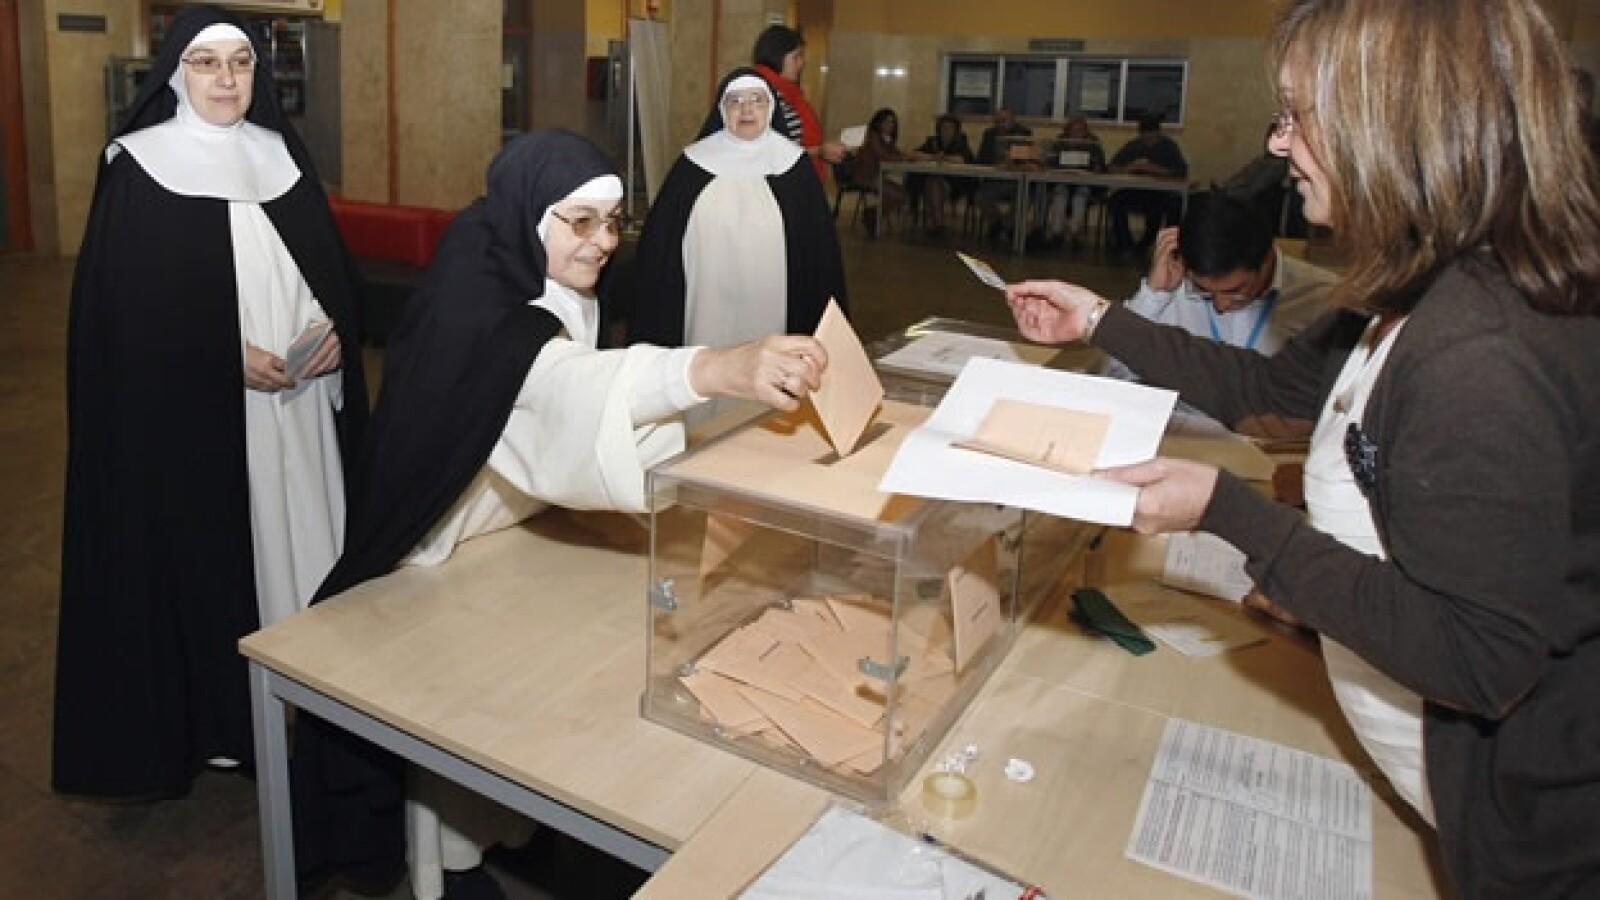 espana 20n elecciones monjas